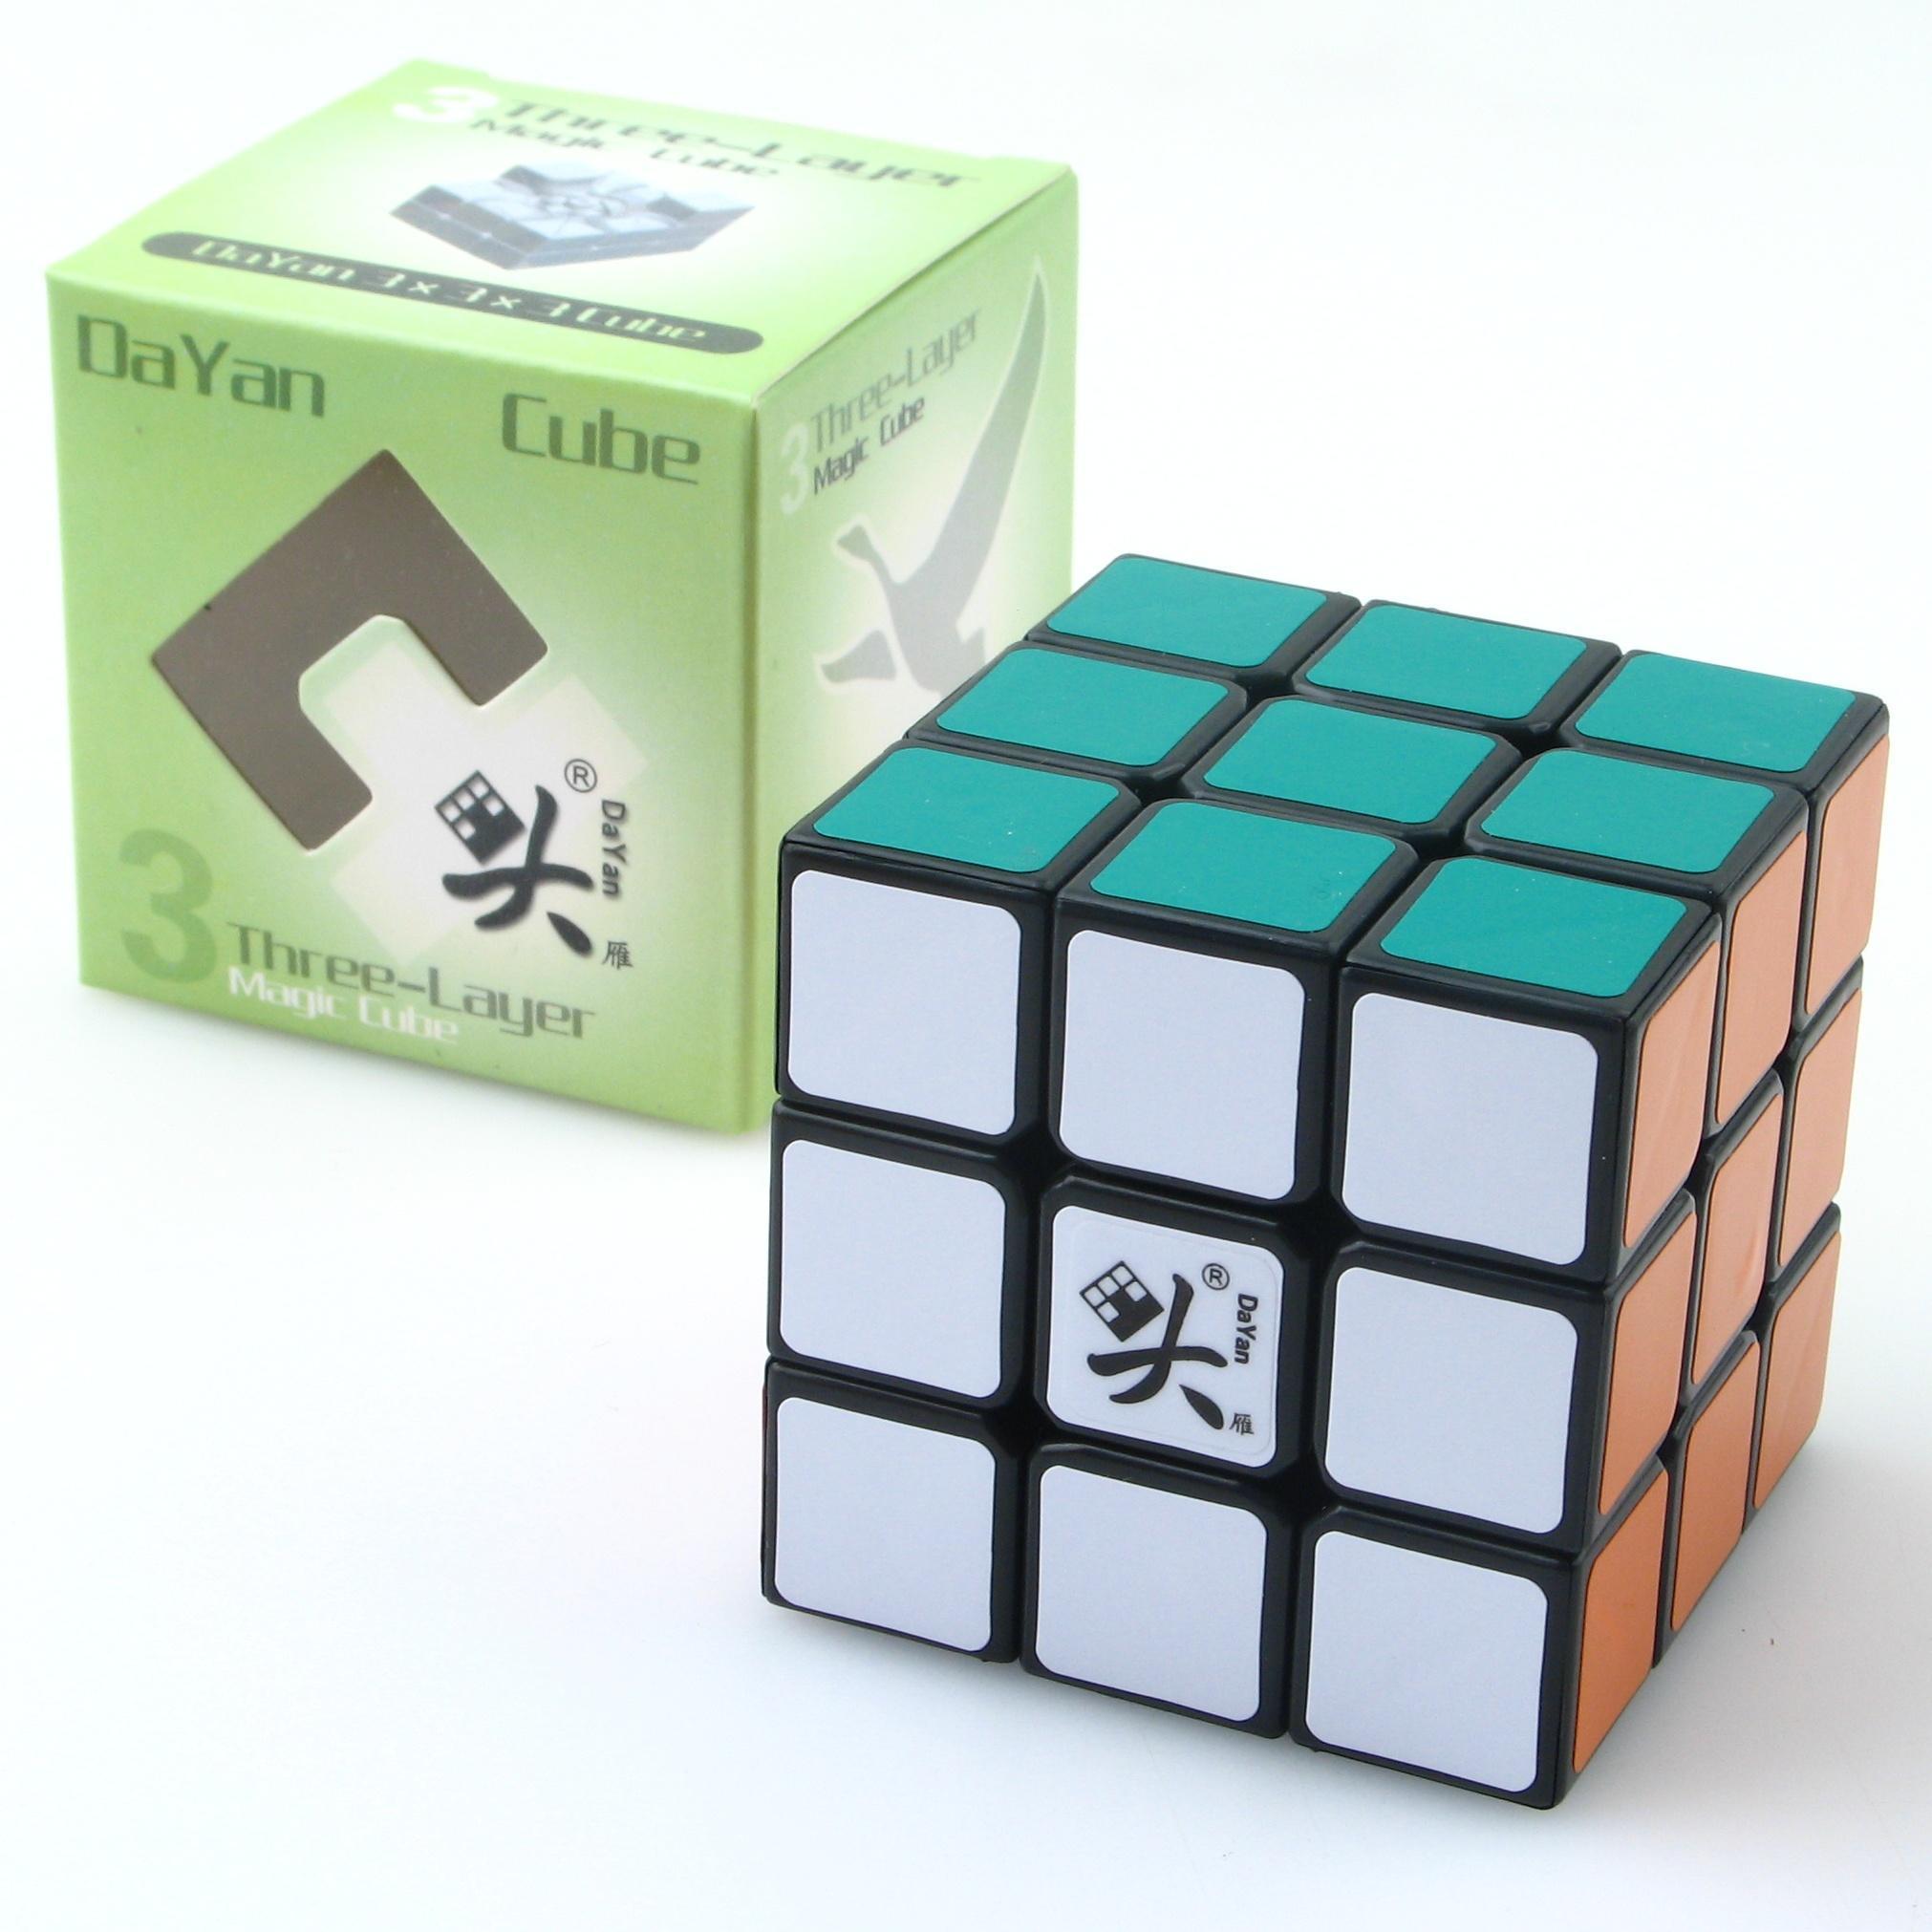 Dayan Guhong v.1 3x3x3 Black Edition